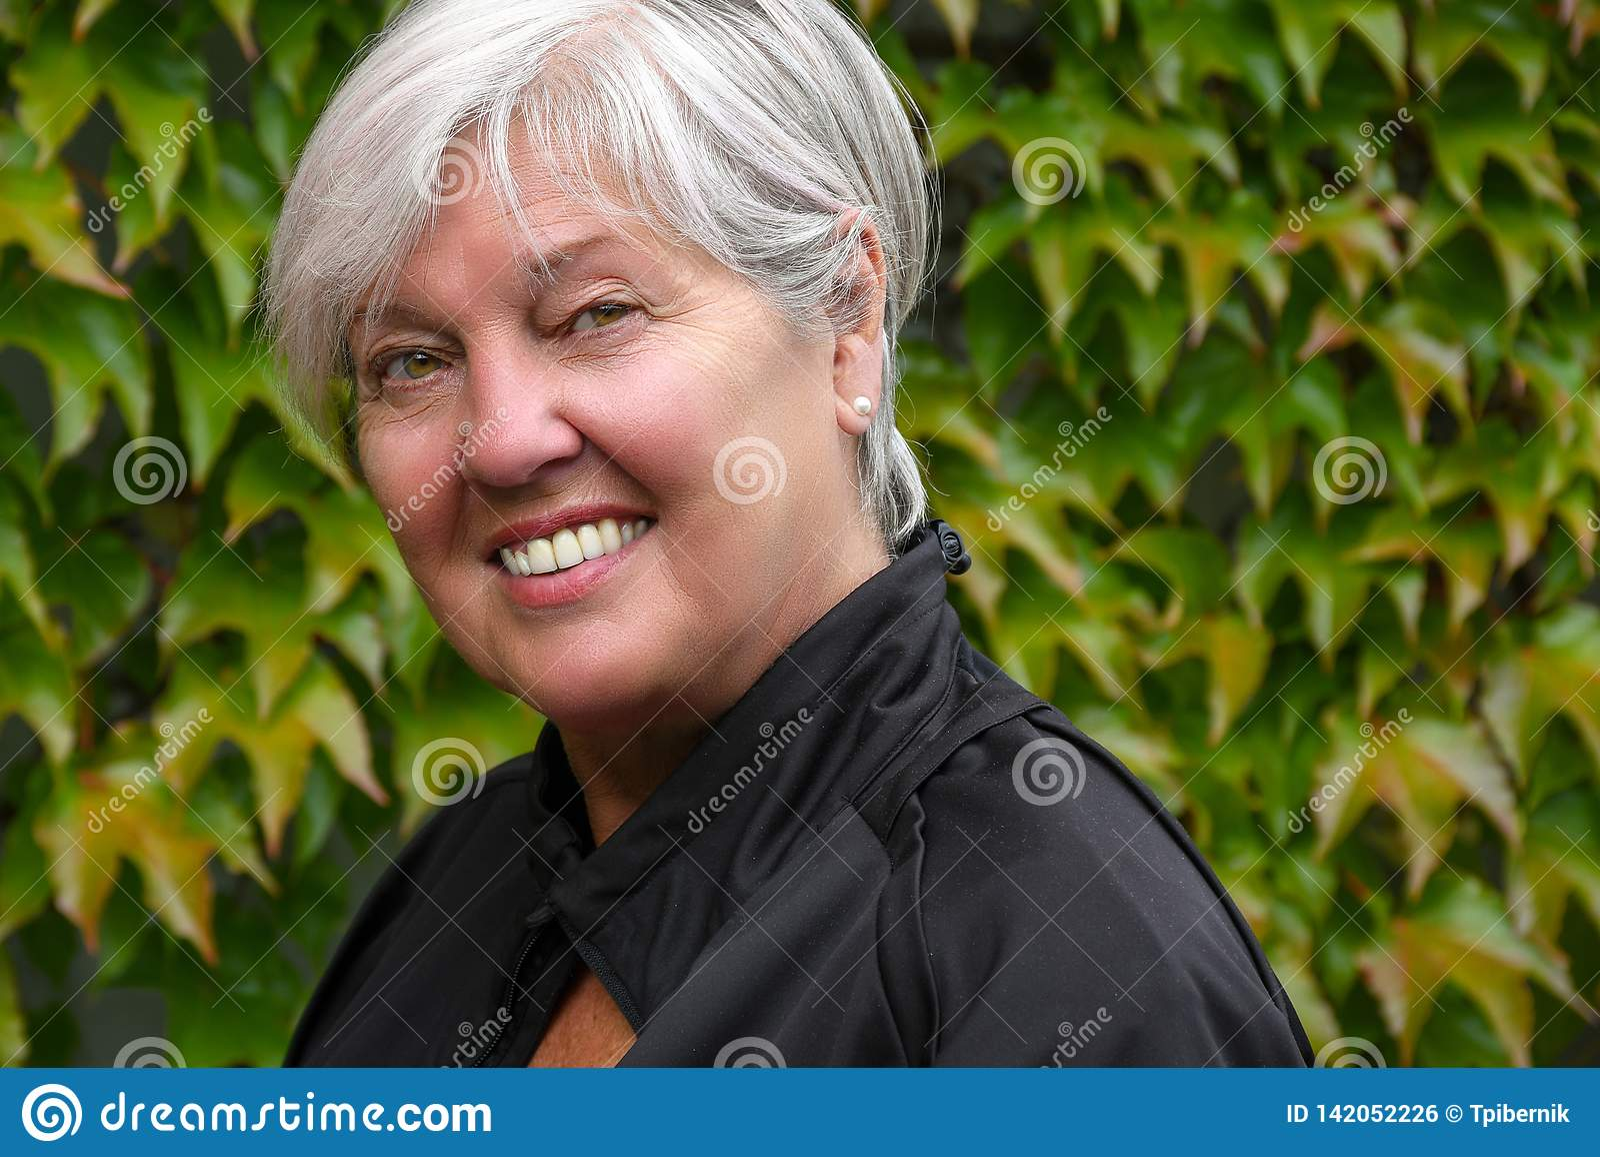 Outside ono uśmiecha się ładny przyglądający starszy starszy kobieta portret z zieleń liści ścianą